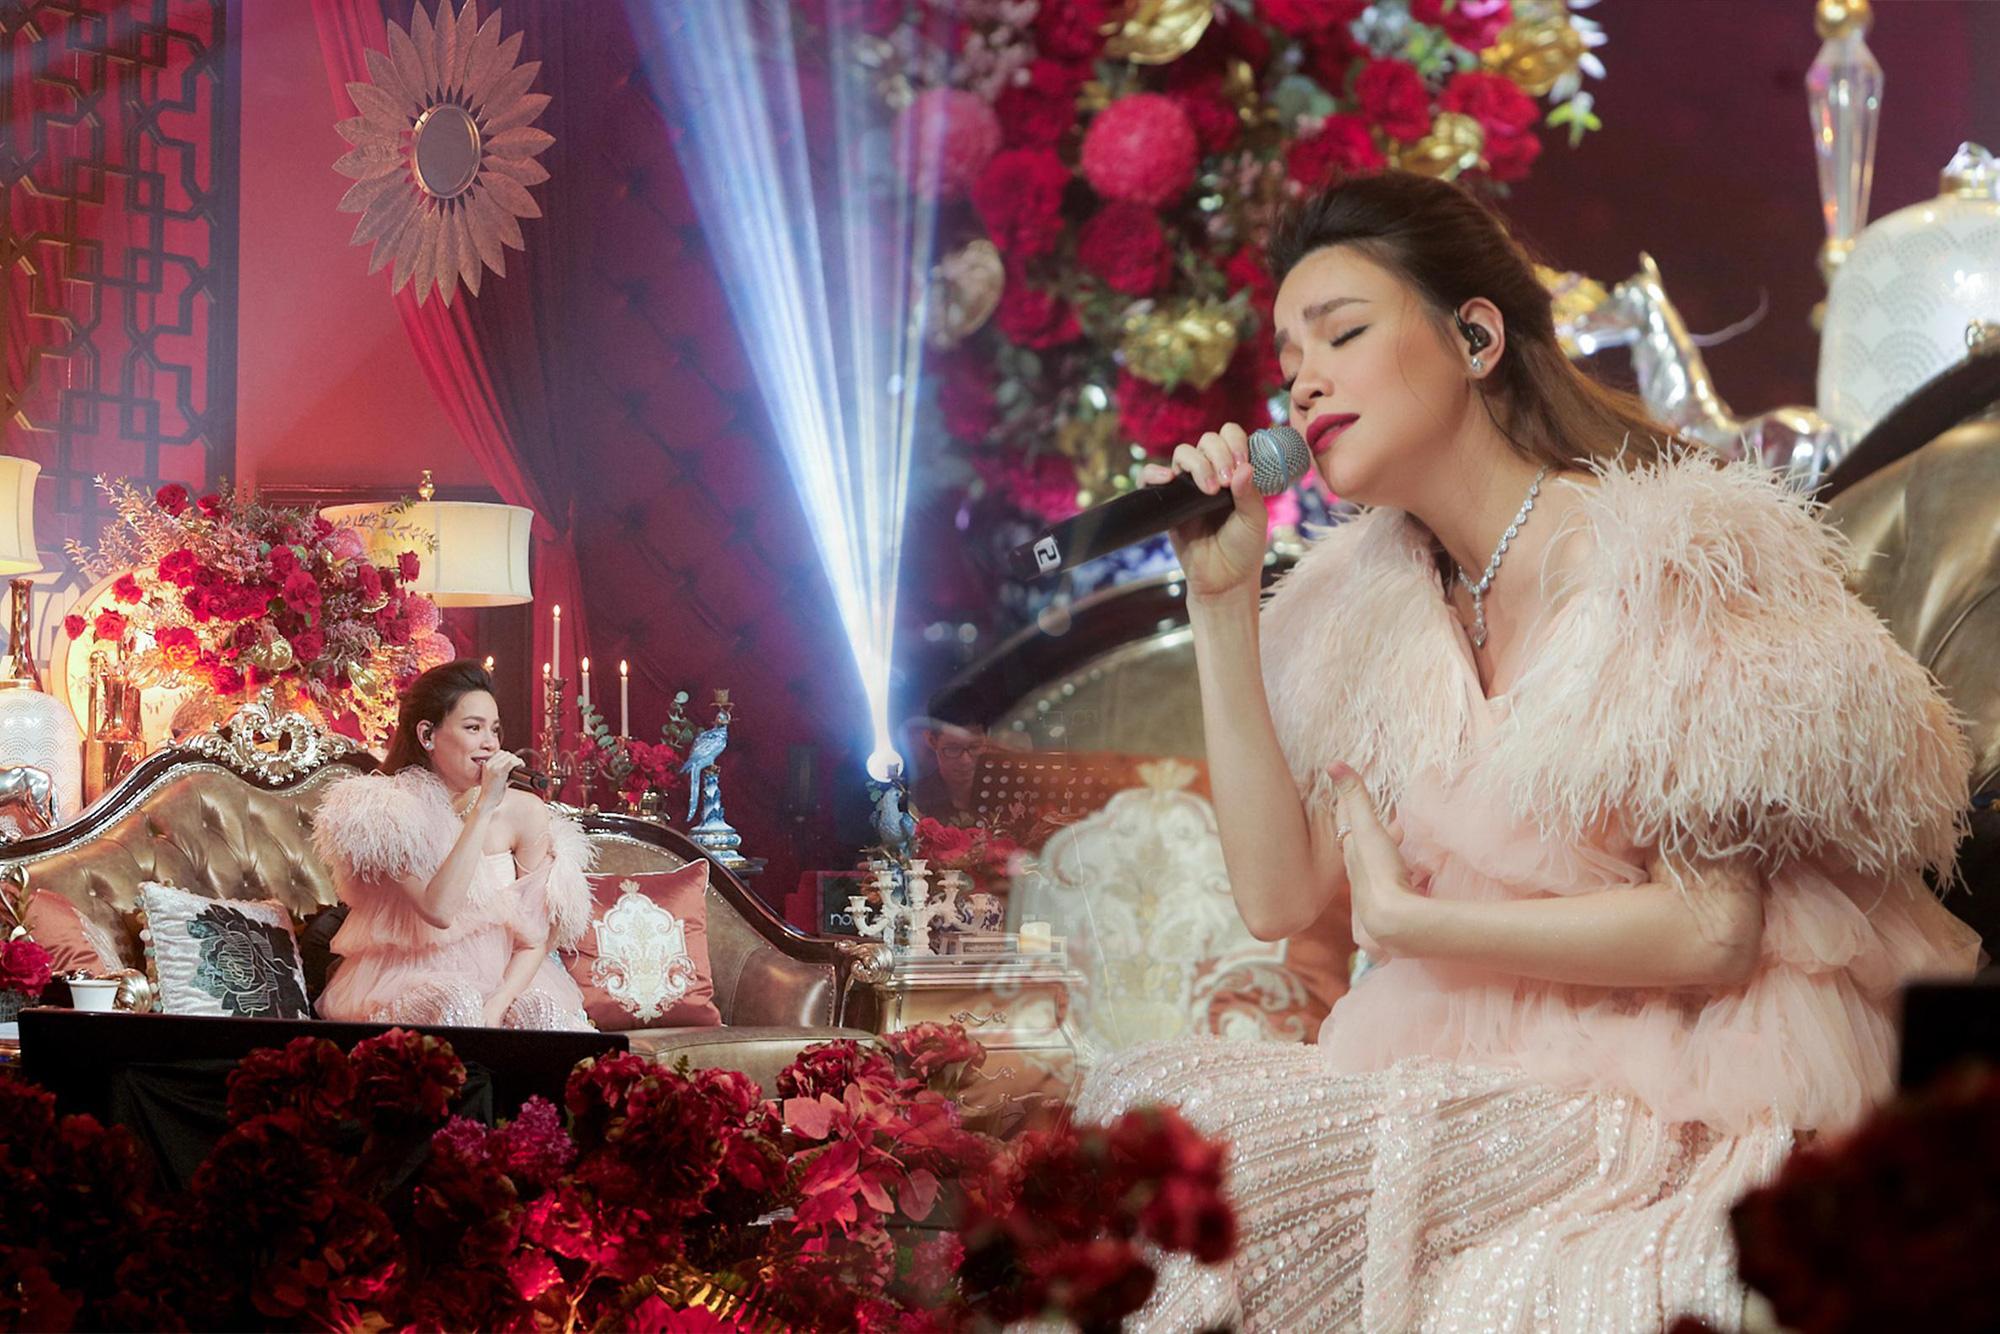 Chuỗi Private Show Love Songs của Hồ Ngọc Hà - điểm sáng của năm về một chương trình âm nhạc đậm chất nghệ thuật - Ảnh 7.